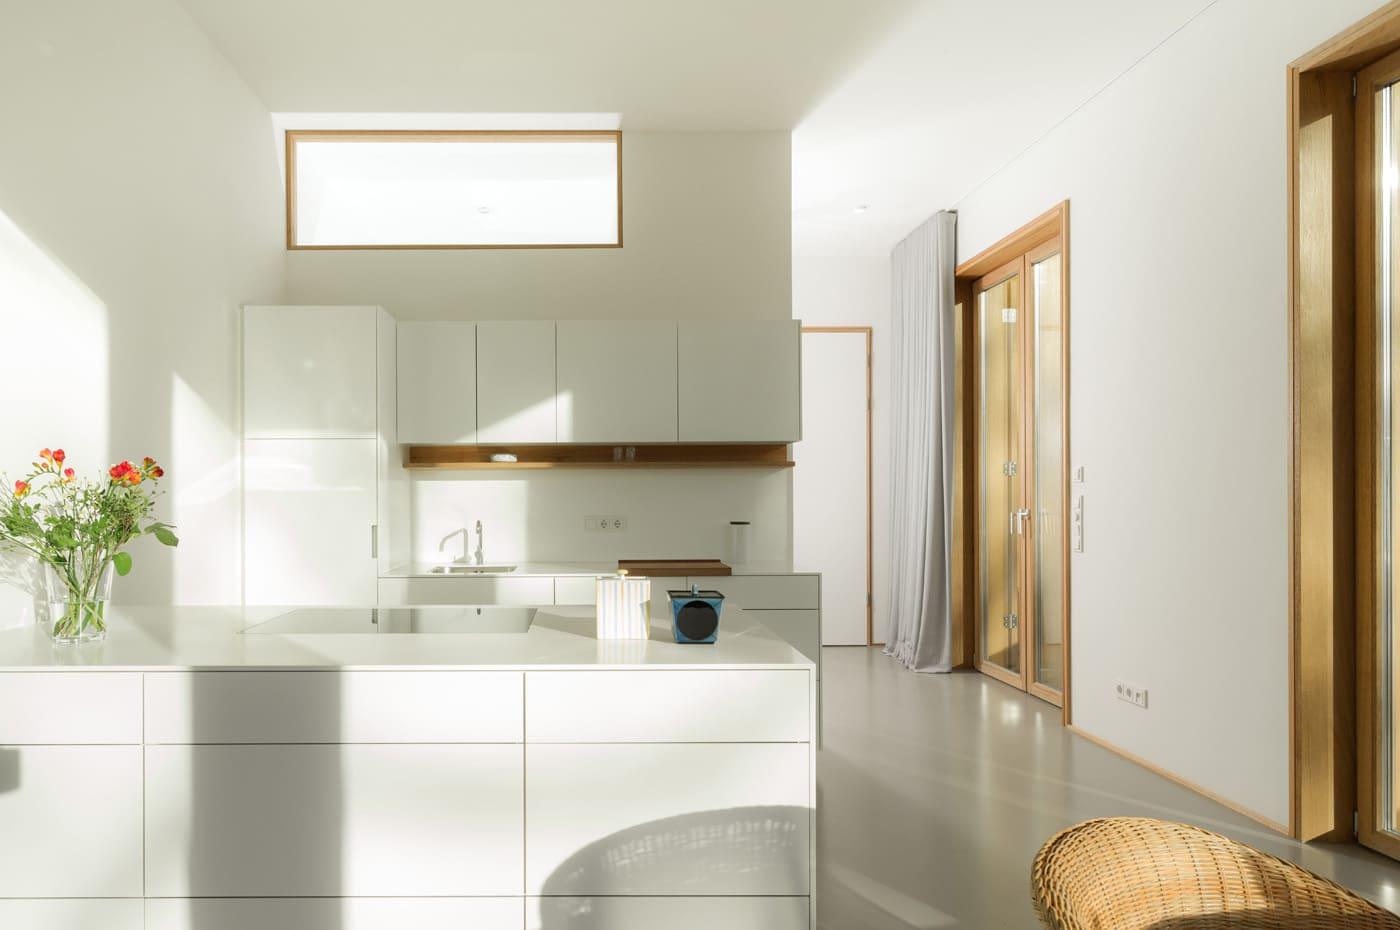 bel étage - Allee, Küche